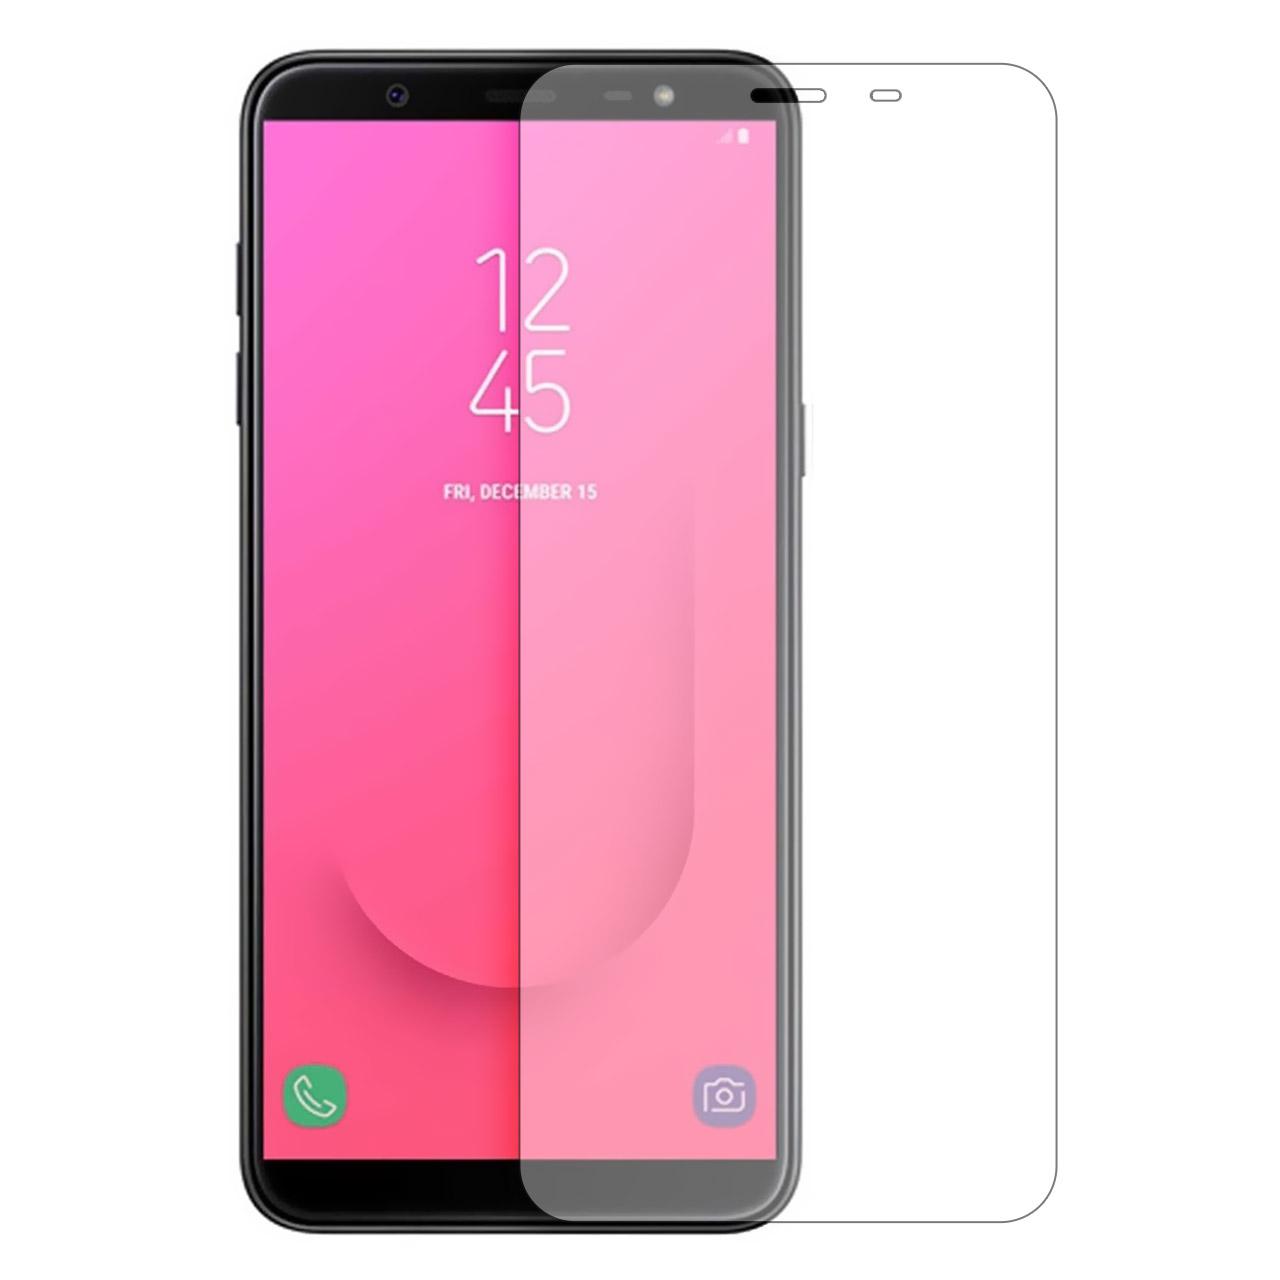 محافظ صفحه نمایش شیشه ای مدل Tempered مناسب برای گوشی موبایل سامسونگ Galaxy J6 2018